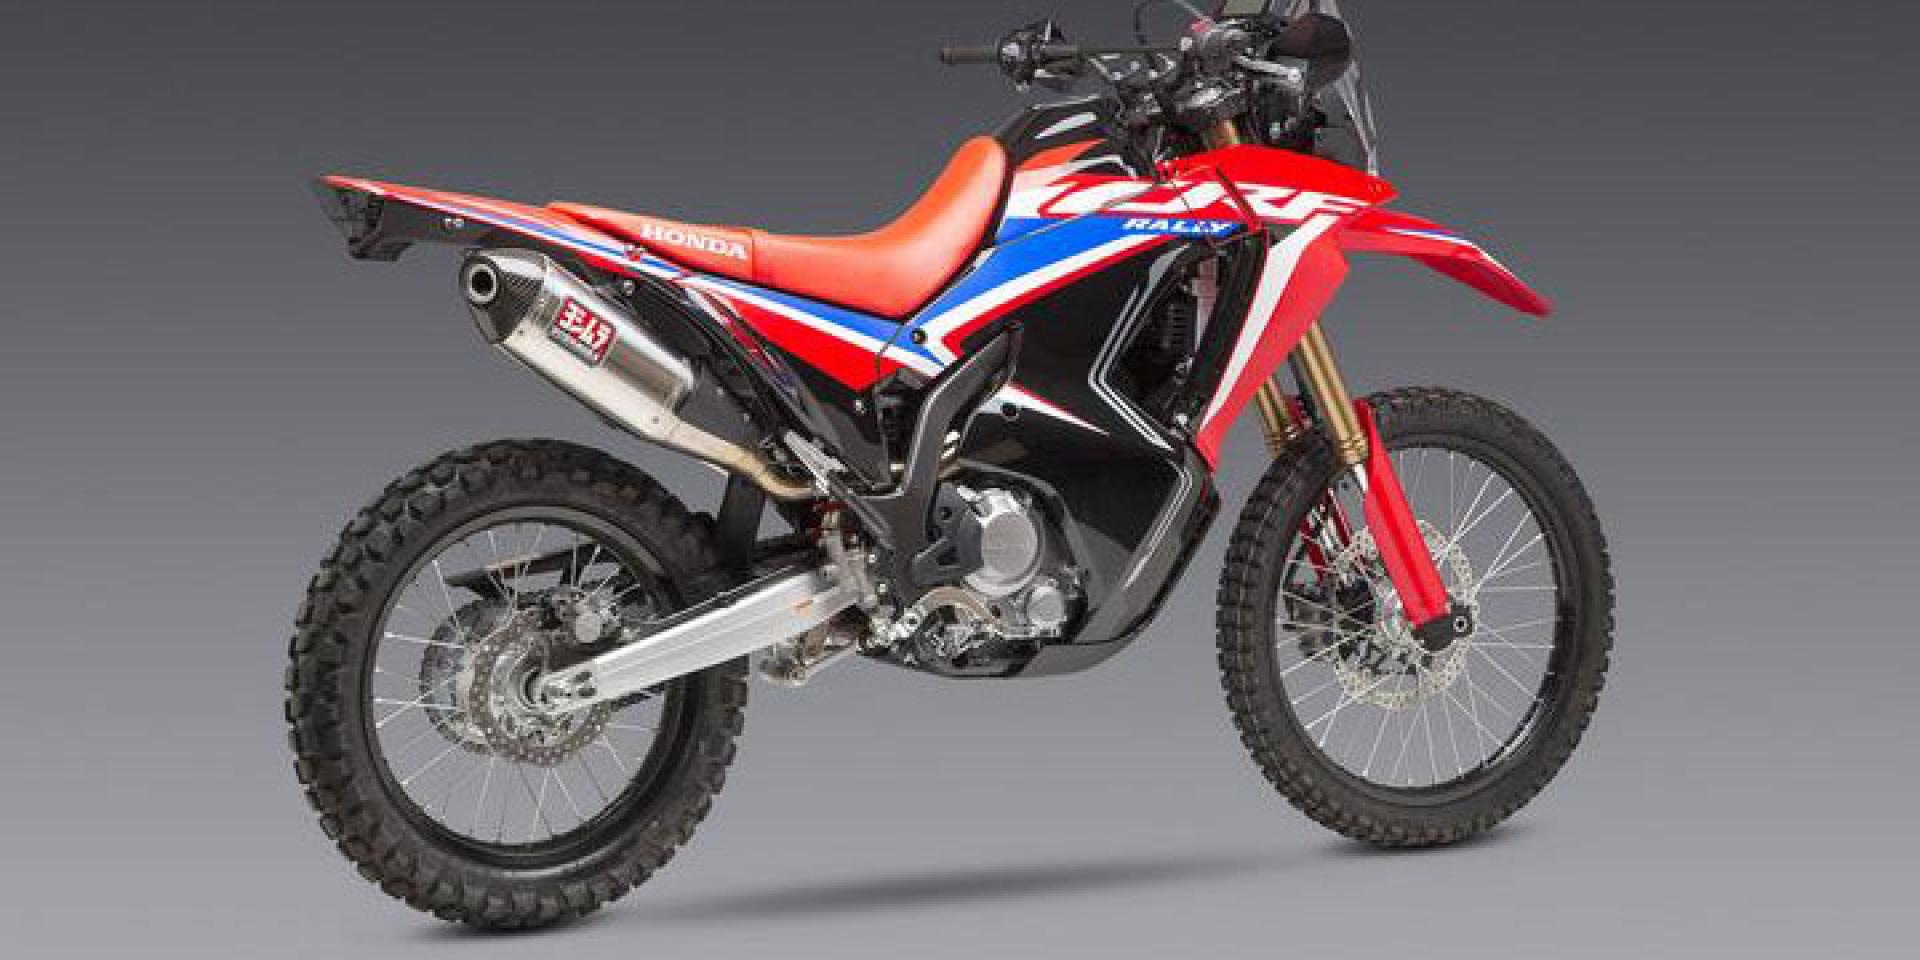 全段/尾段二種讓你選!Yoshimura 推出CRF300L/Rally專用排氣管